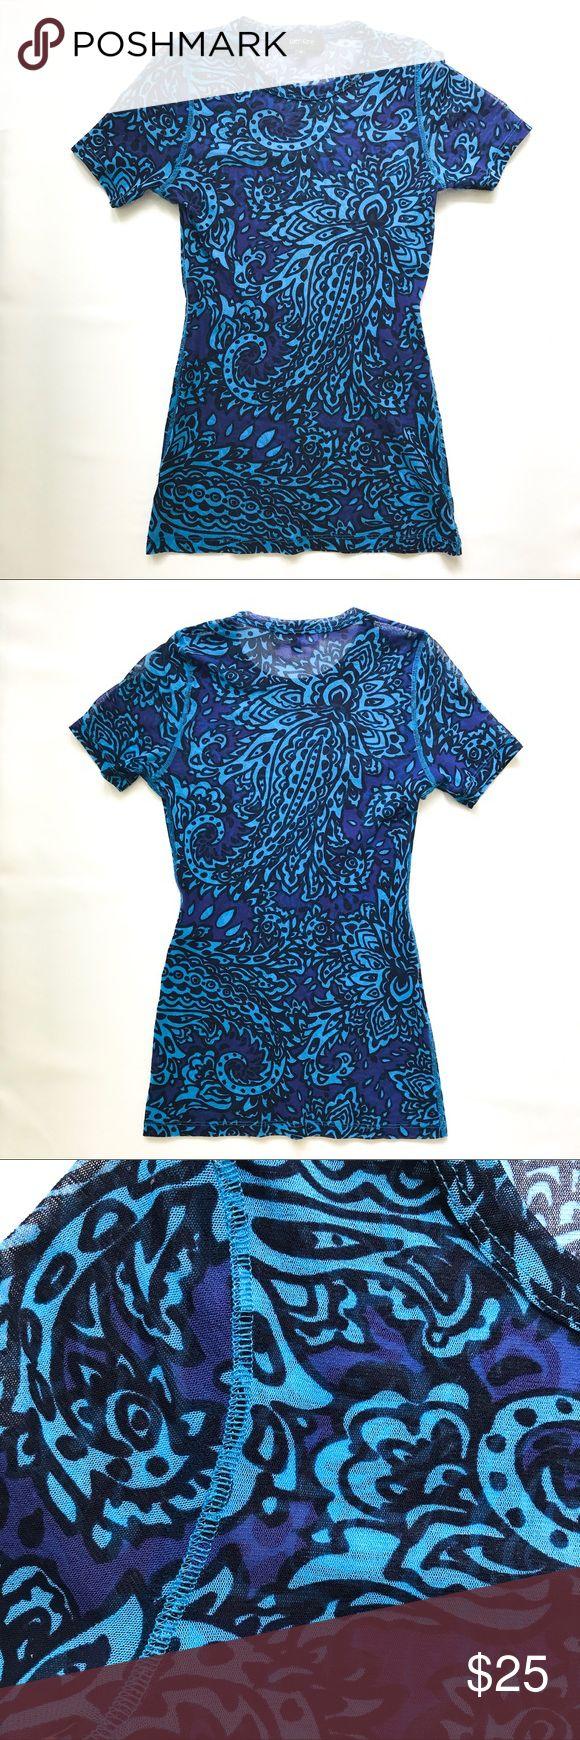 Karen Kane sheer top Karen Kane paisley print pretty blues sheer top Karen Kane Tops Tees - Short Sleeve